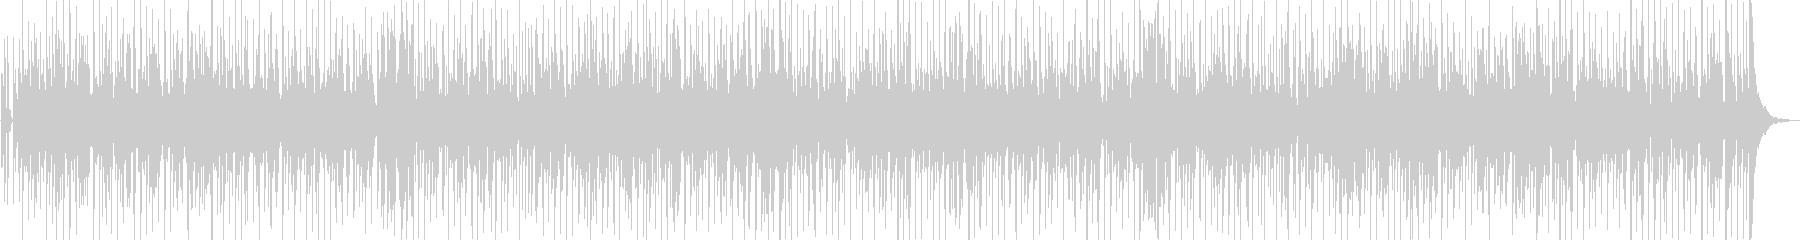 お洒落なファンクBGMの未再生の波形